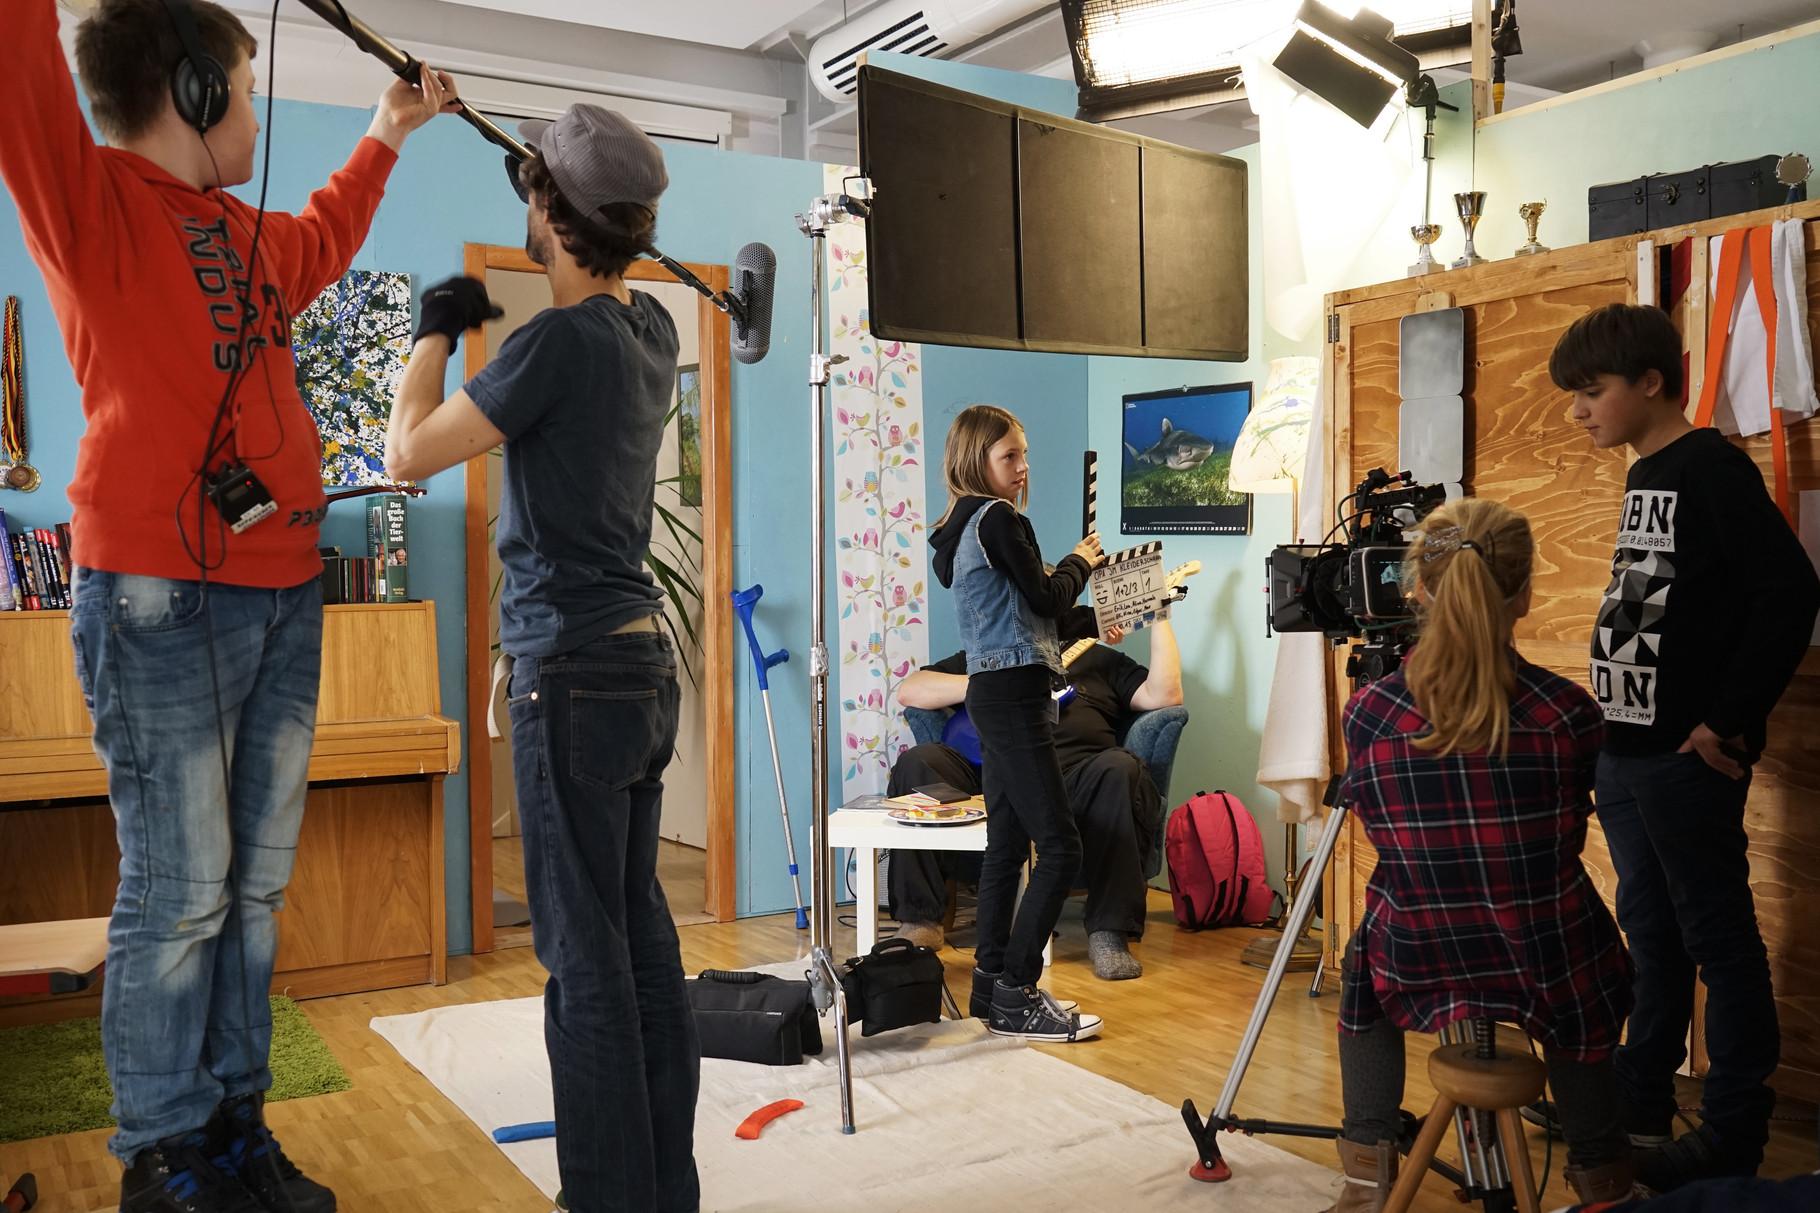 Produktionsworkshop Prenzlau 2015. Foto: Antje Materna